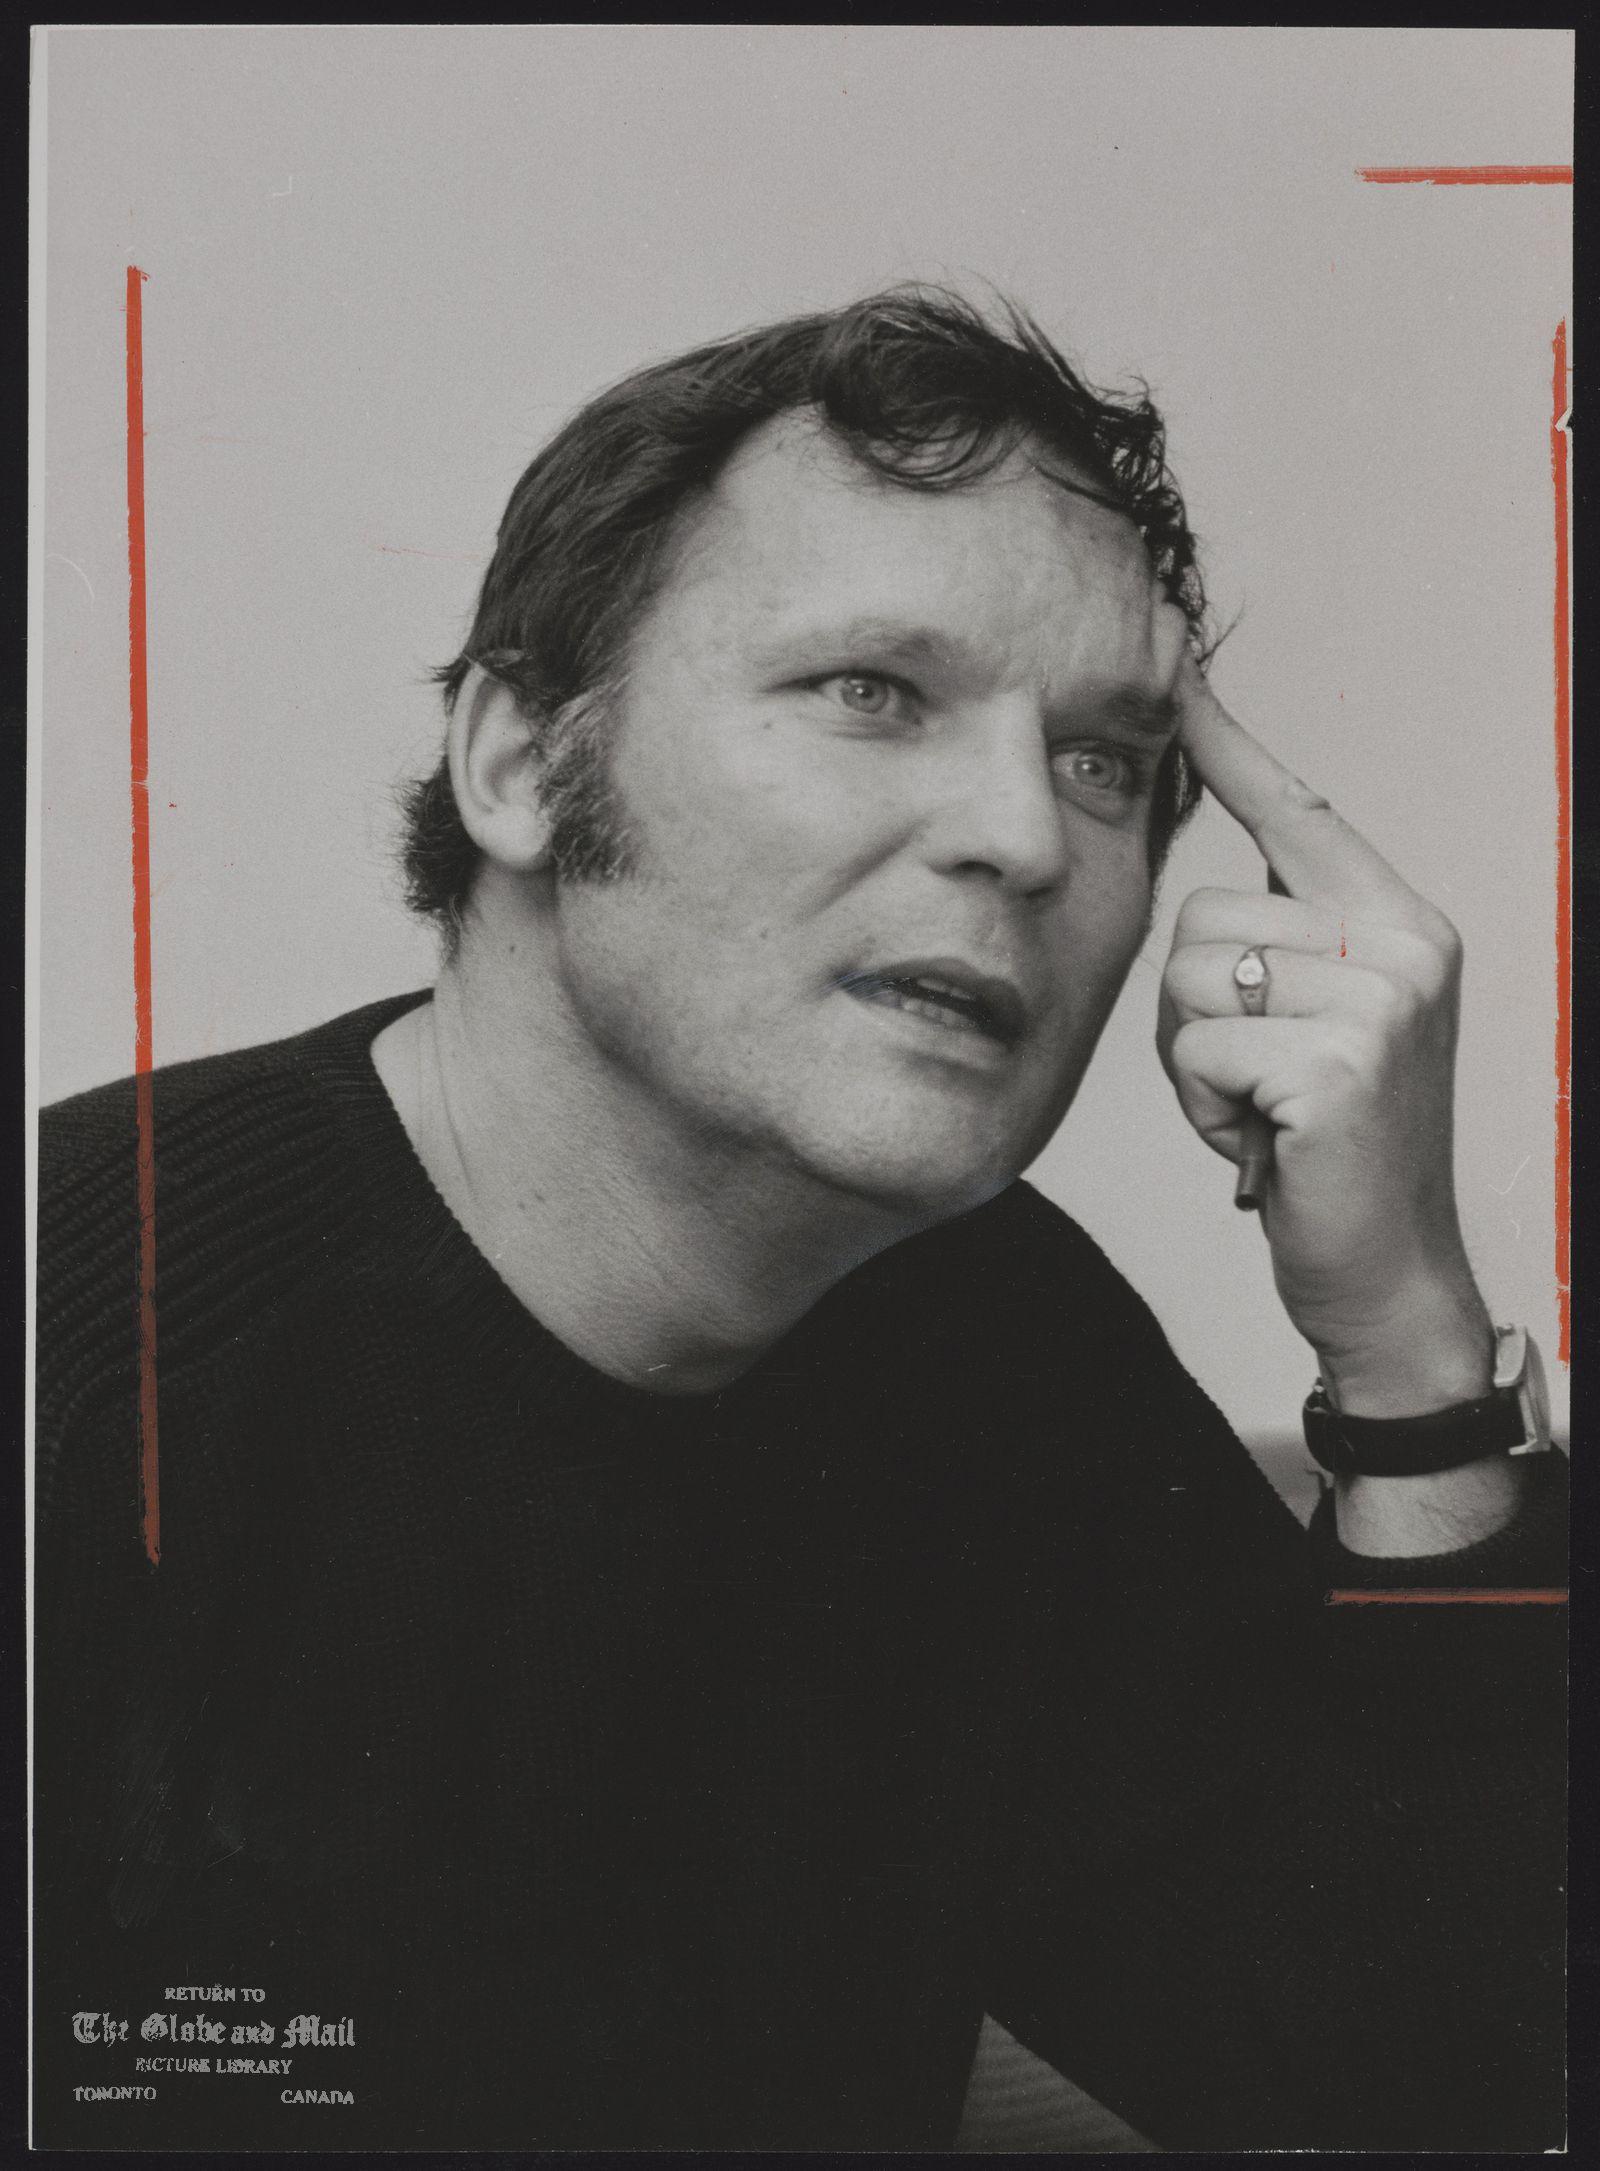 John Vernon Canada. Actor